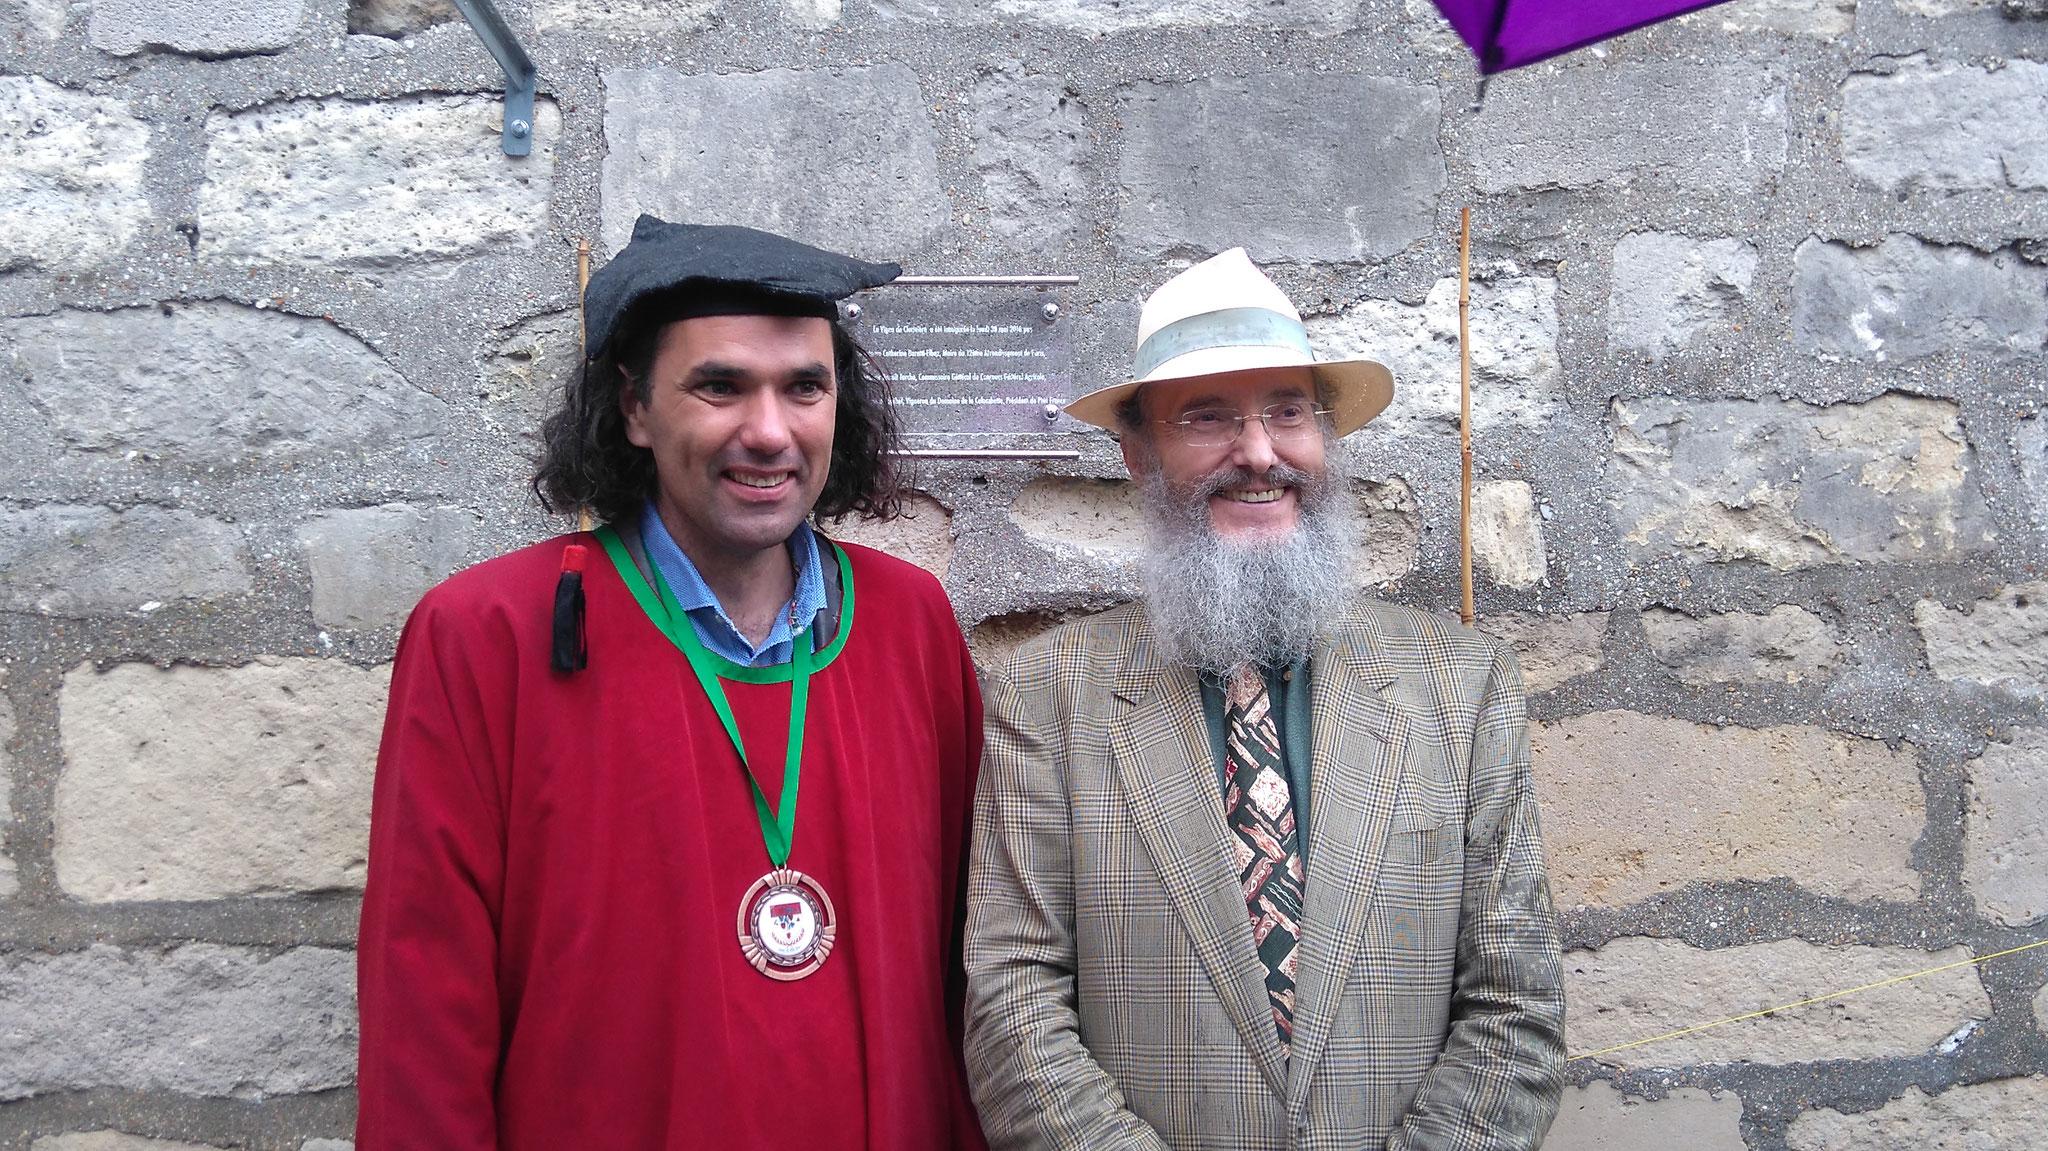 Vincent Pugibet et Patrice Bersac, membres fondateur de PIWI France